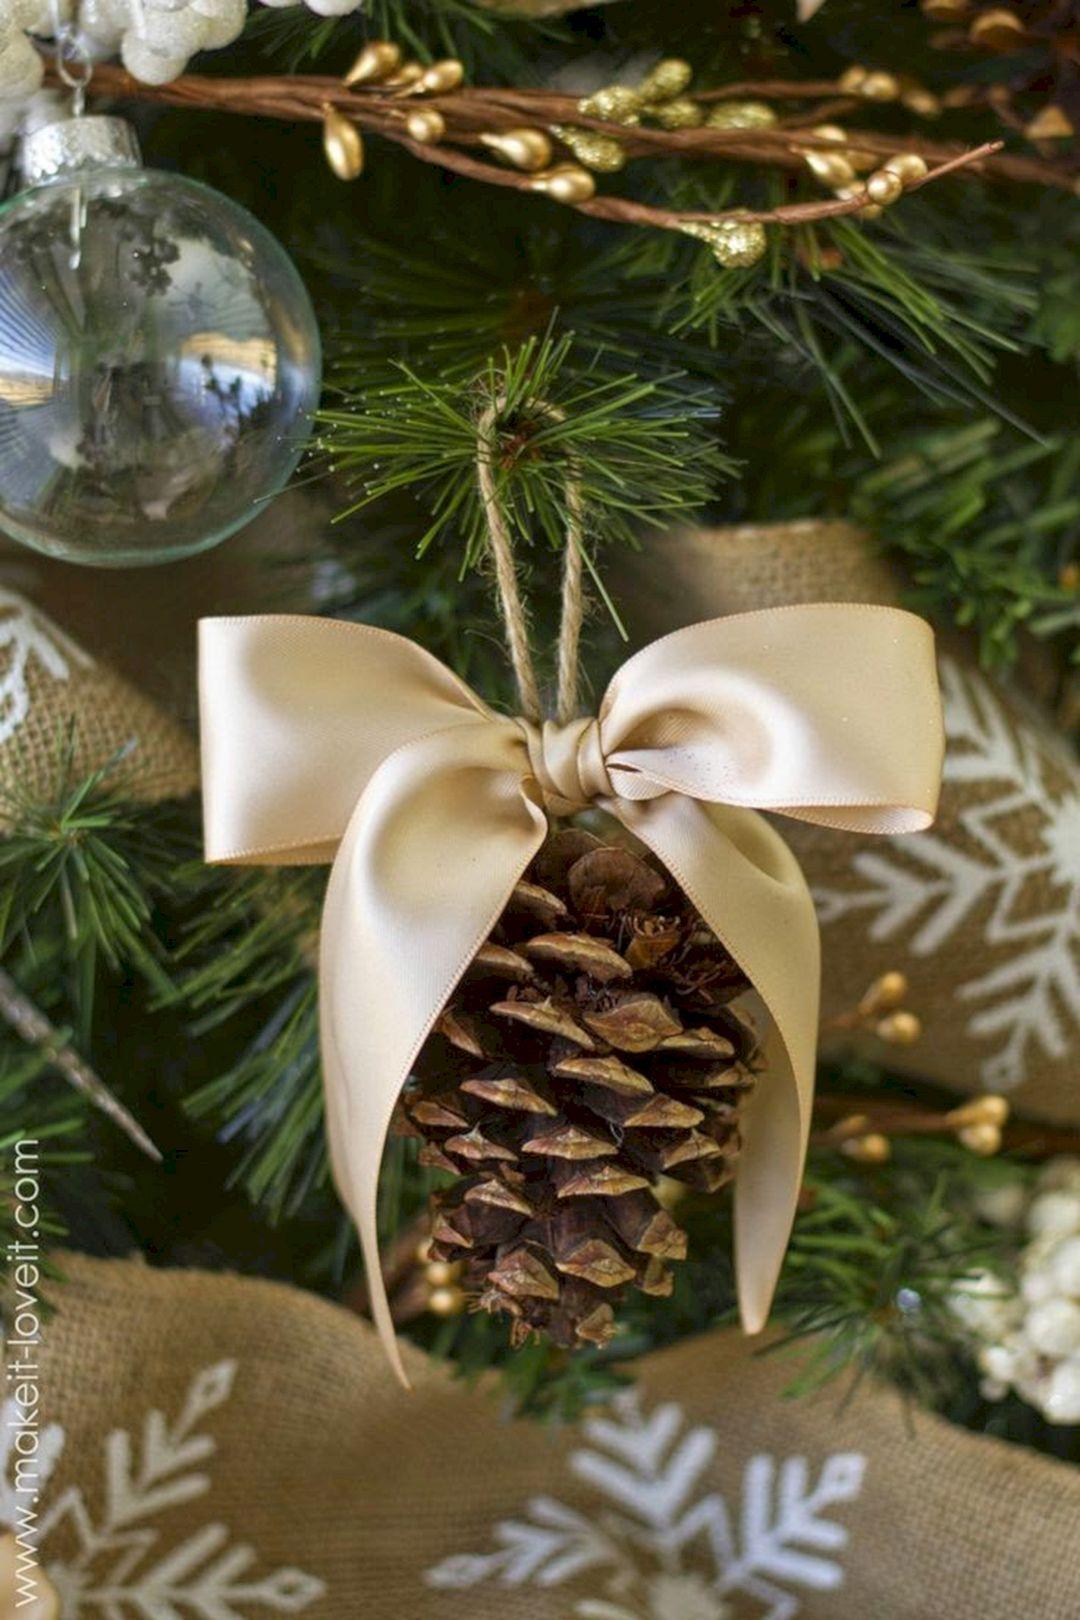 DIY Ornament Christmas Ideas 4